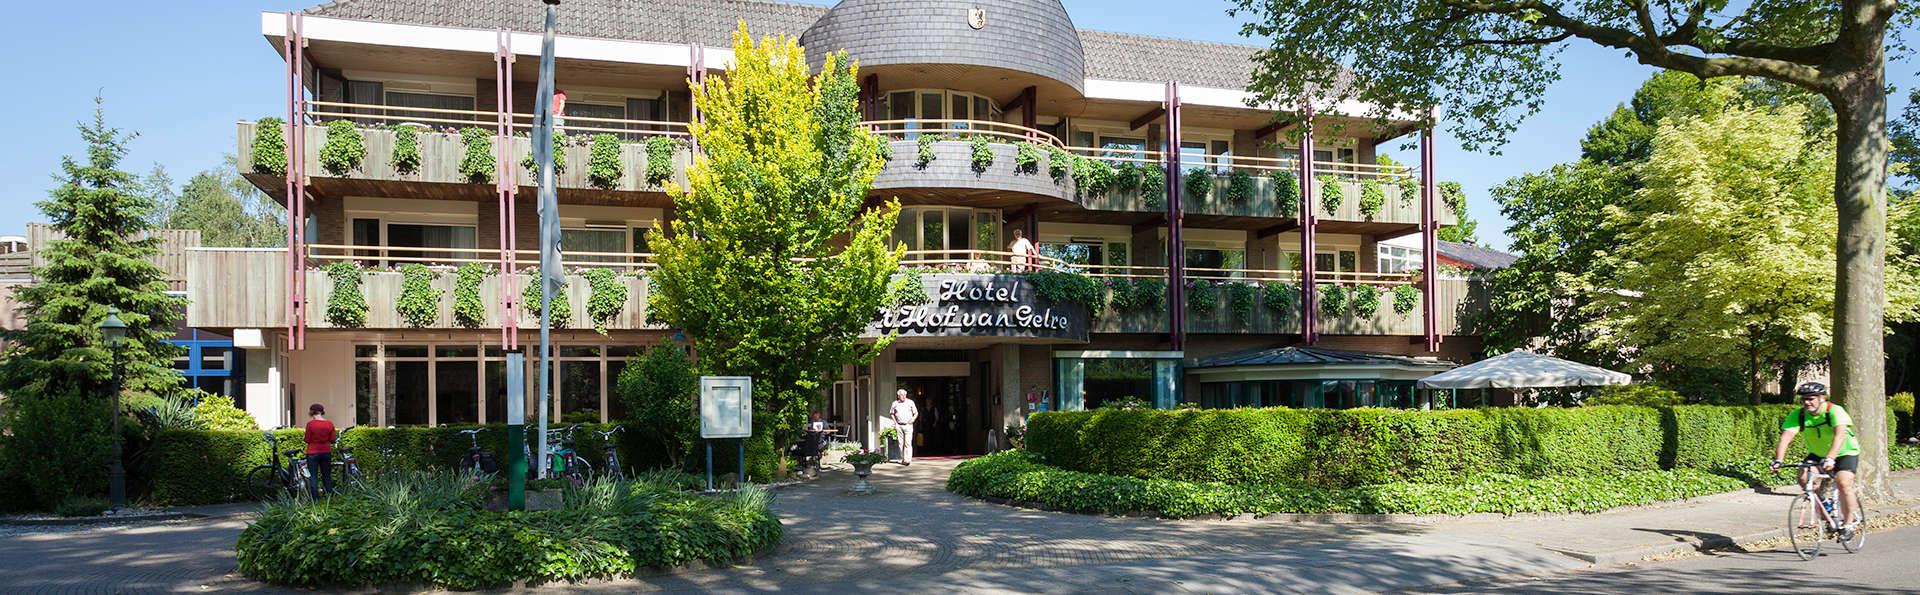 Hotel Hof van Gelre - EDIT_front.jpg